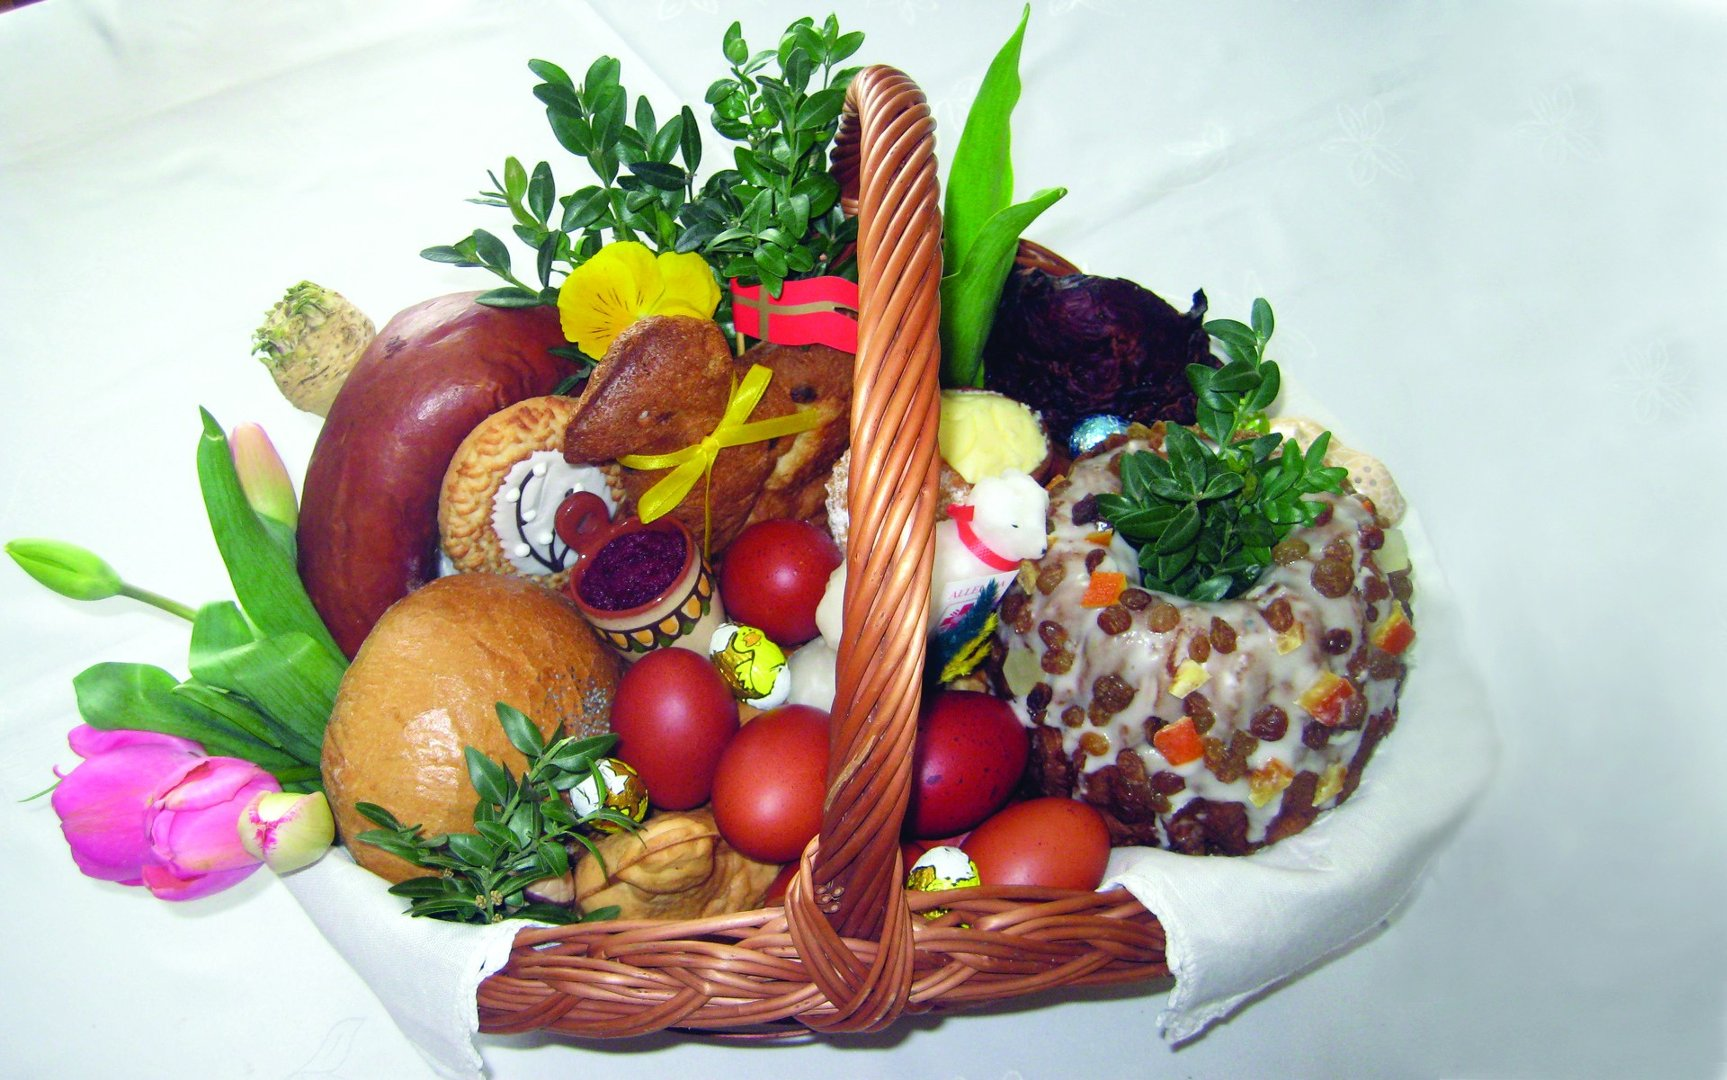 b80310c6c9398 Zawartość koszyczka wielkanocnego i podawane potrawy mogą się różnić w  zależności od tradycji danego regionu.